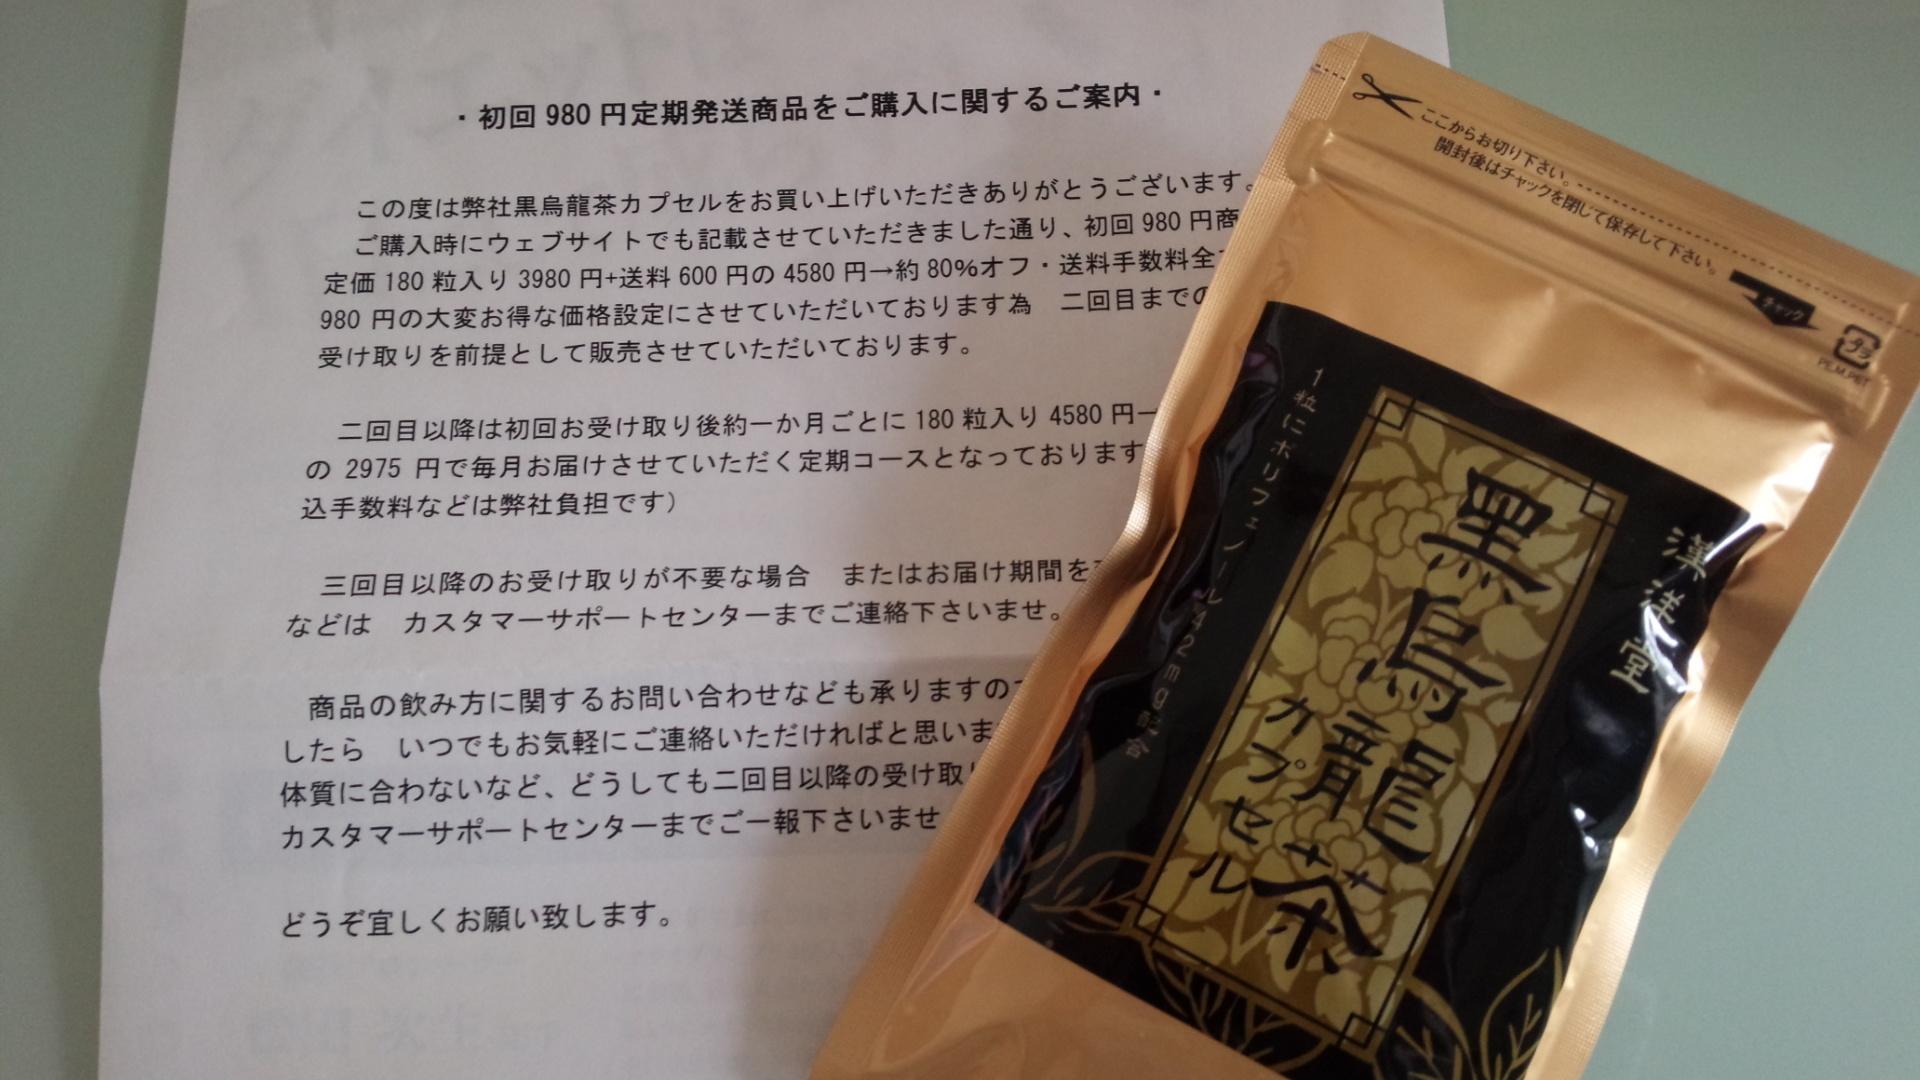 黒烏龍茶カプセル980円キャンペーン商品届きました。